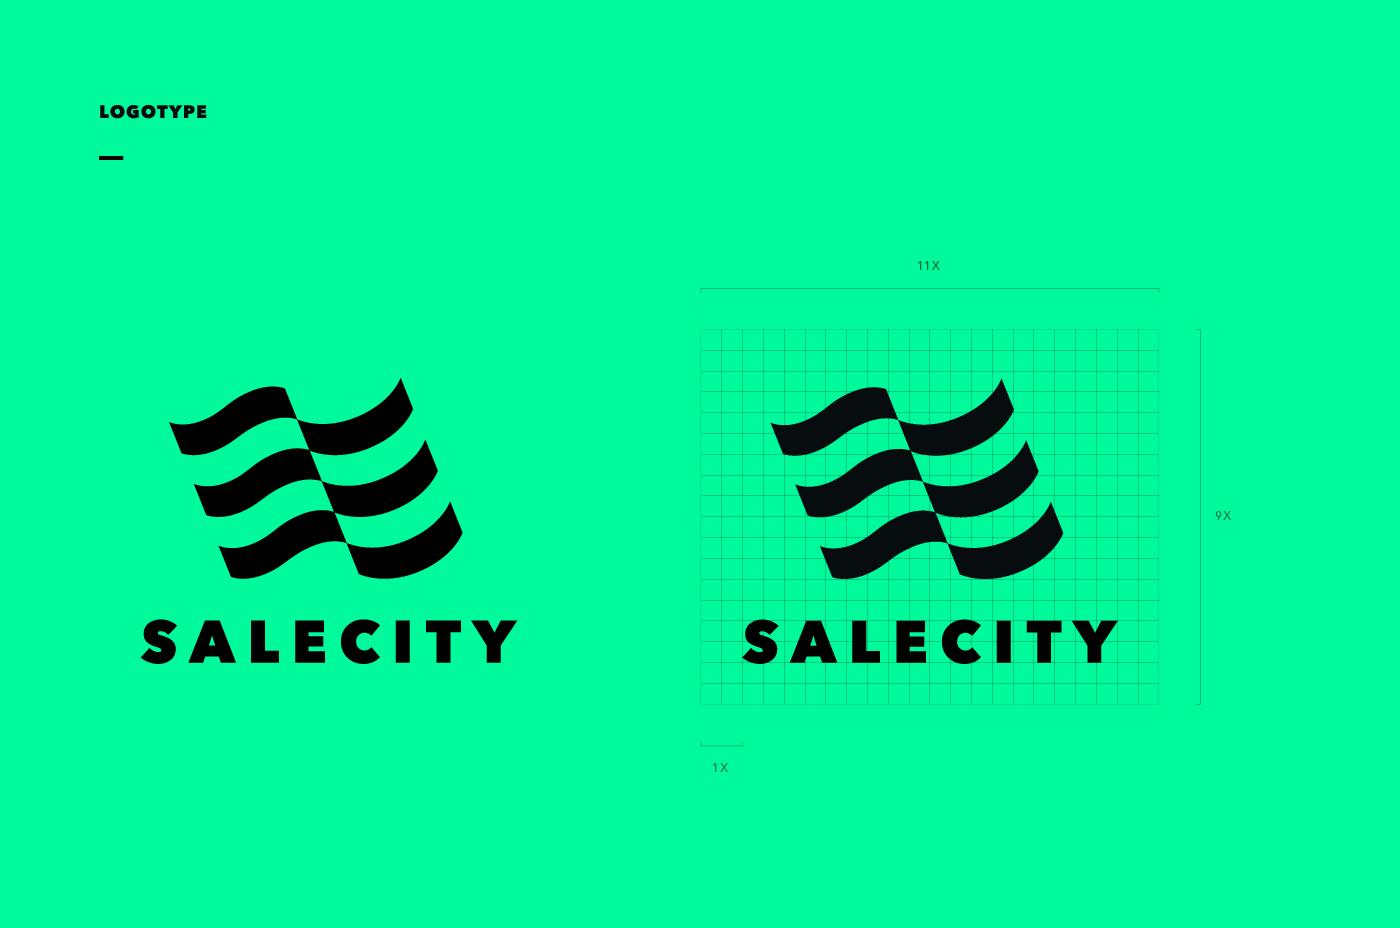 e-bay facebook flag green online shop icons avenir sale city